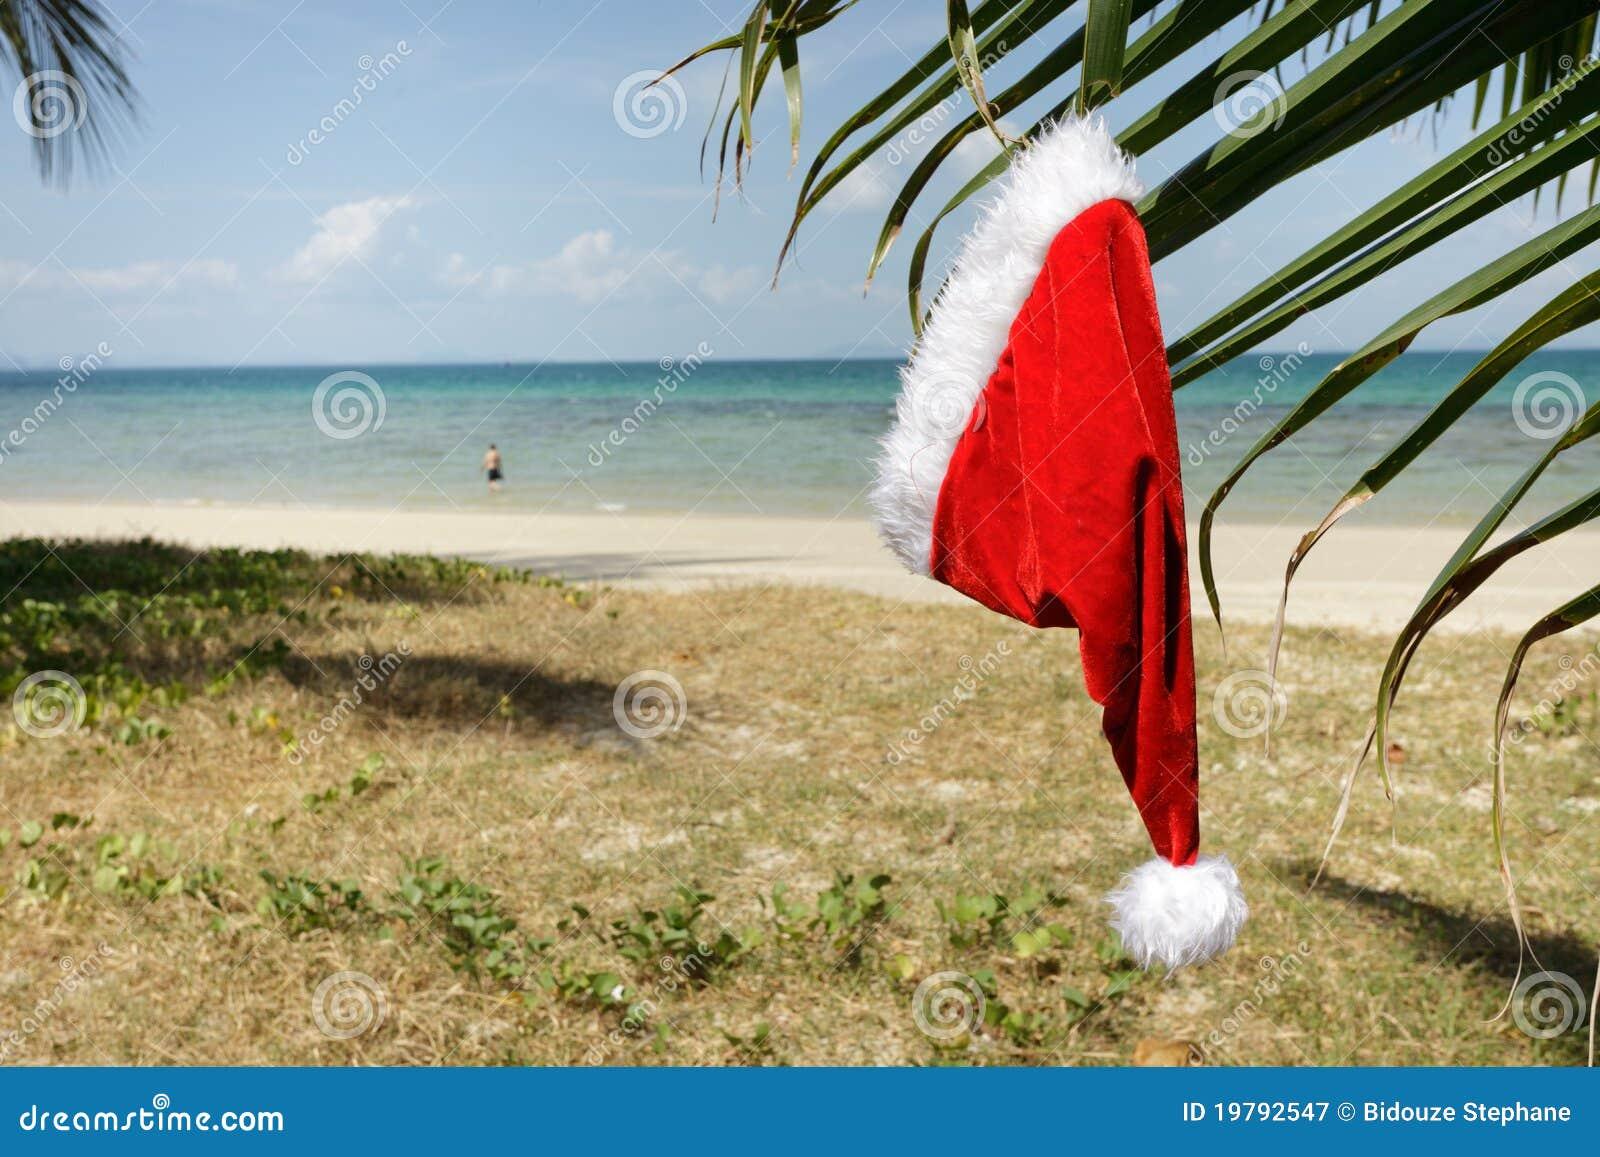 Claus hatt tropiska santa